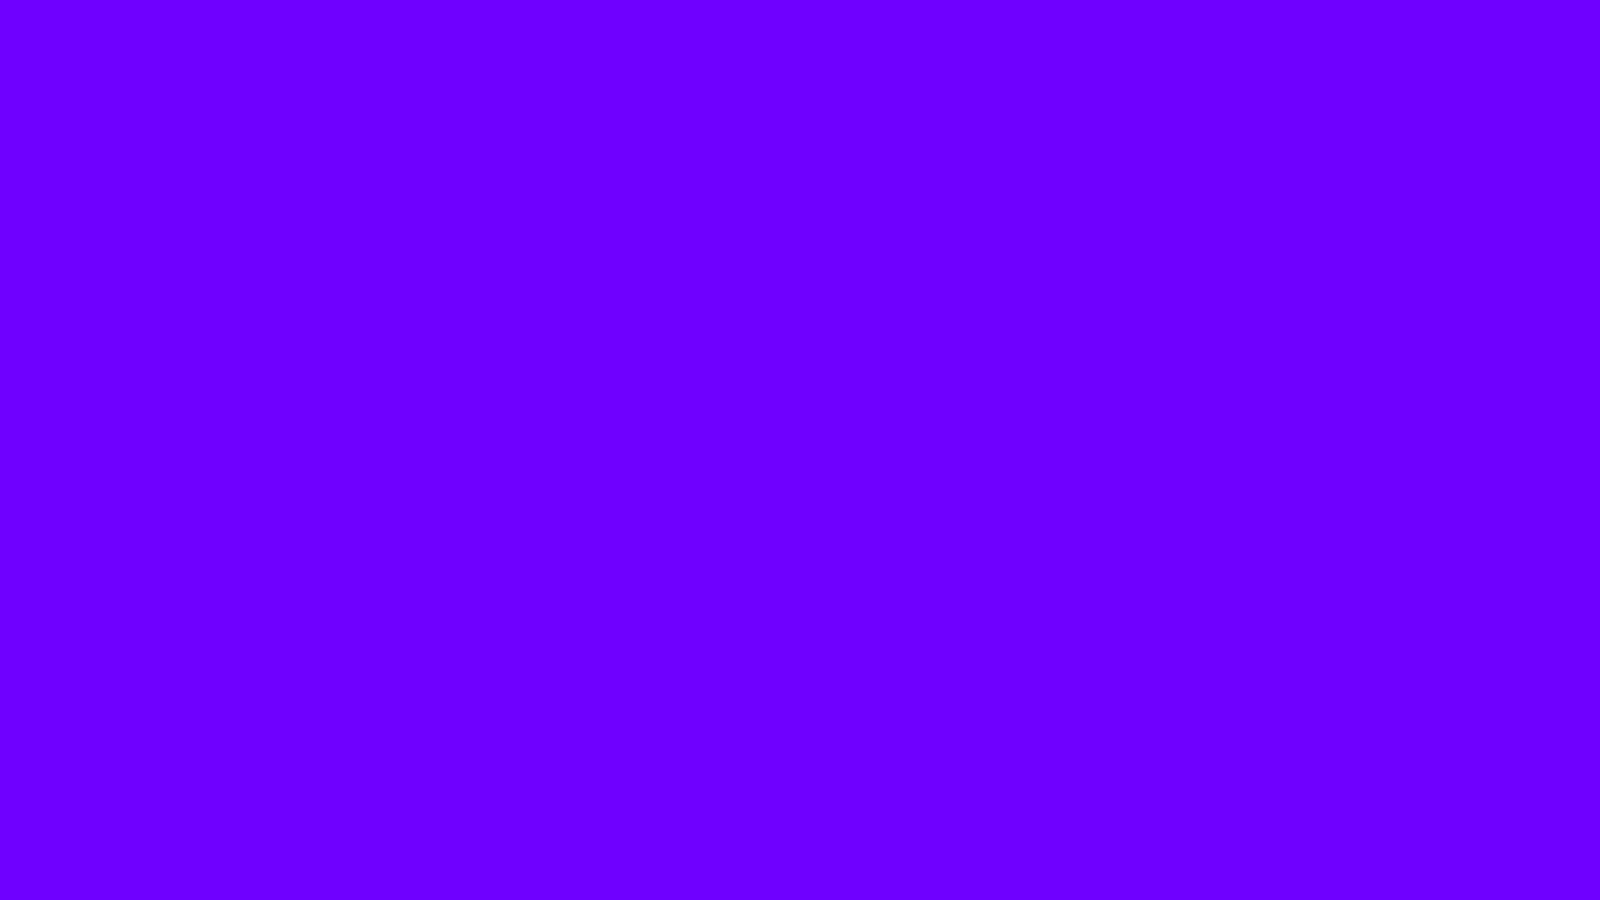 1600x900 Indigo Solid Color Background